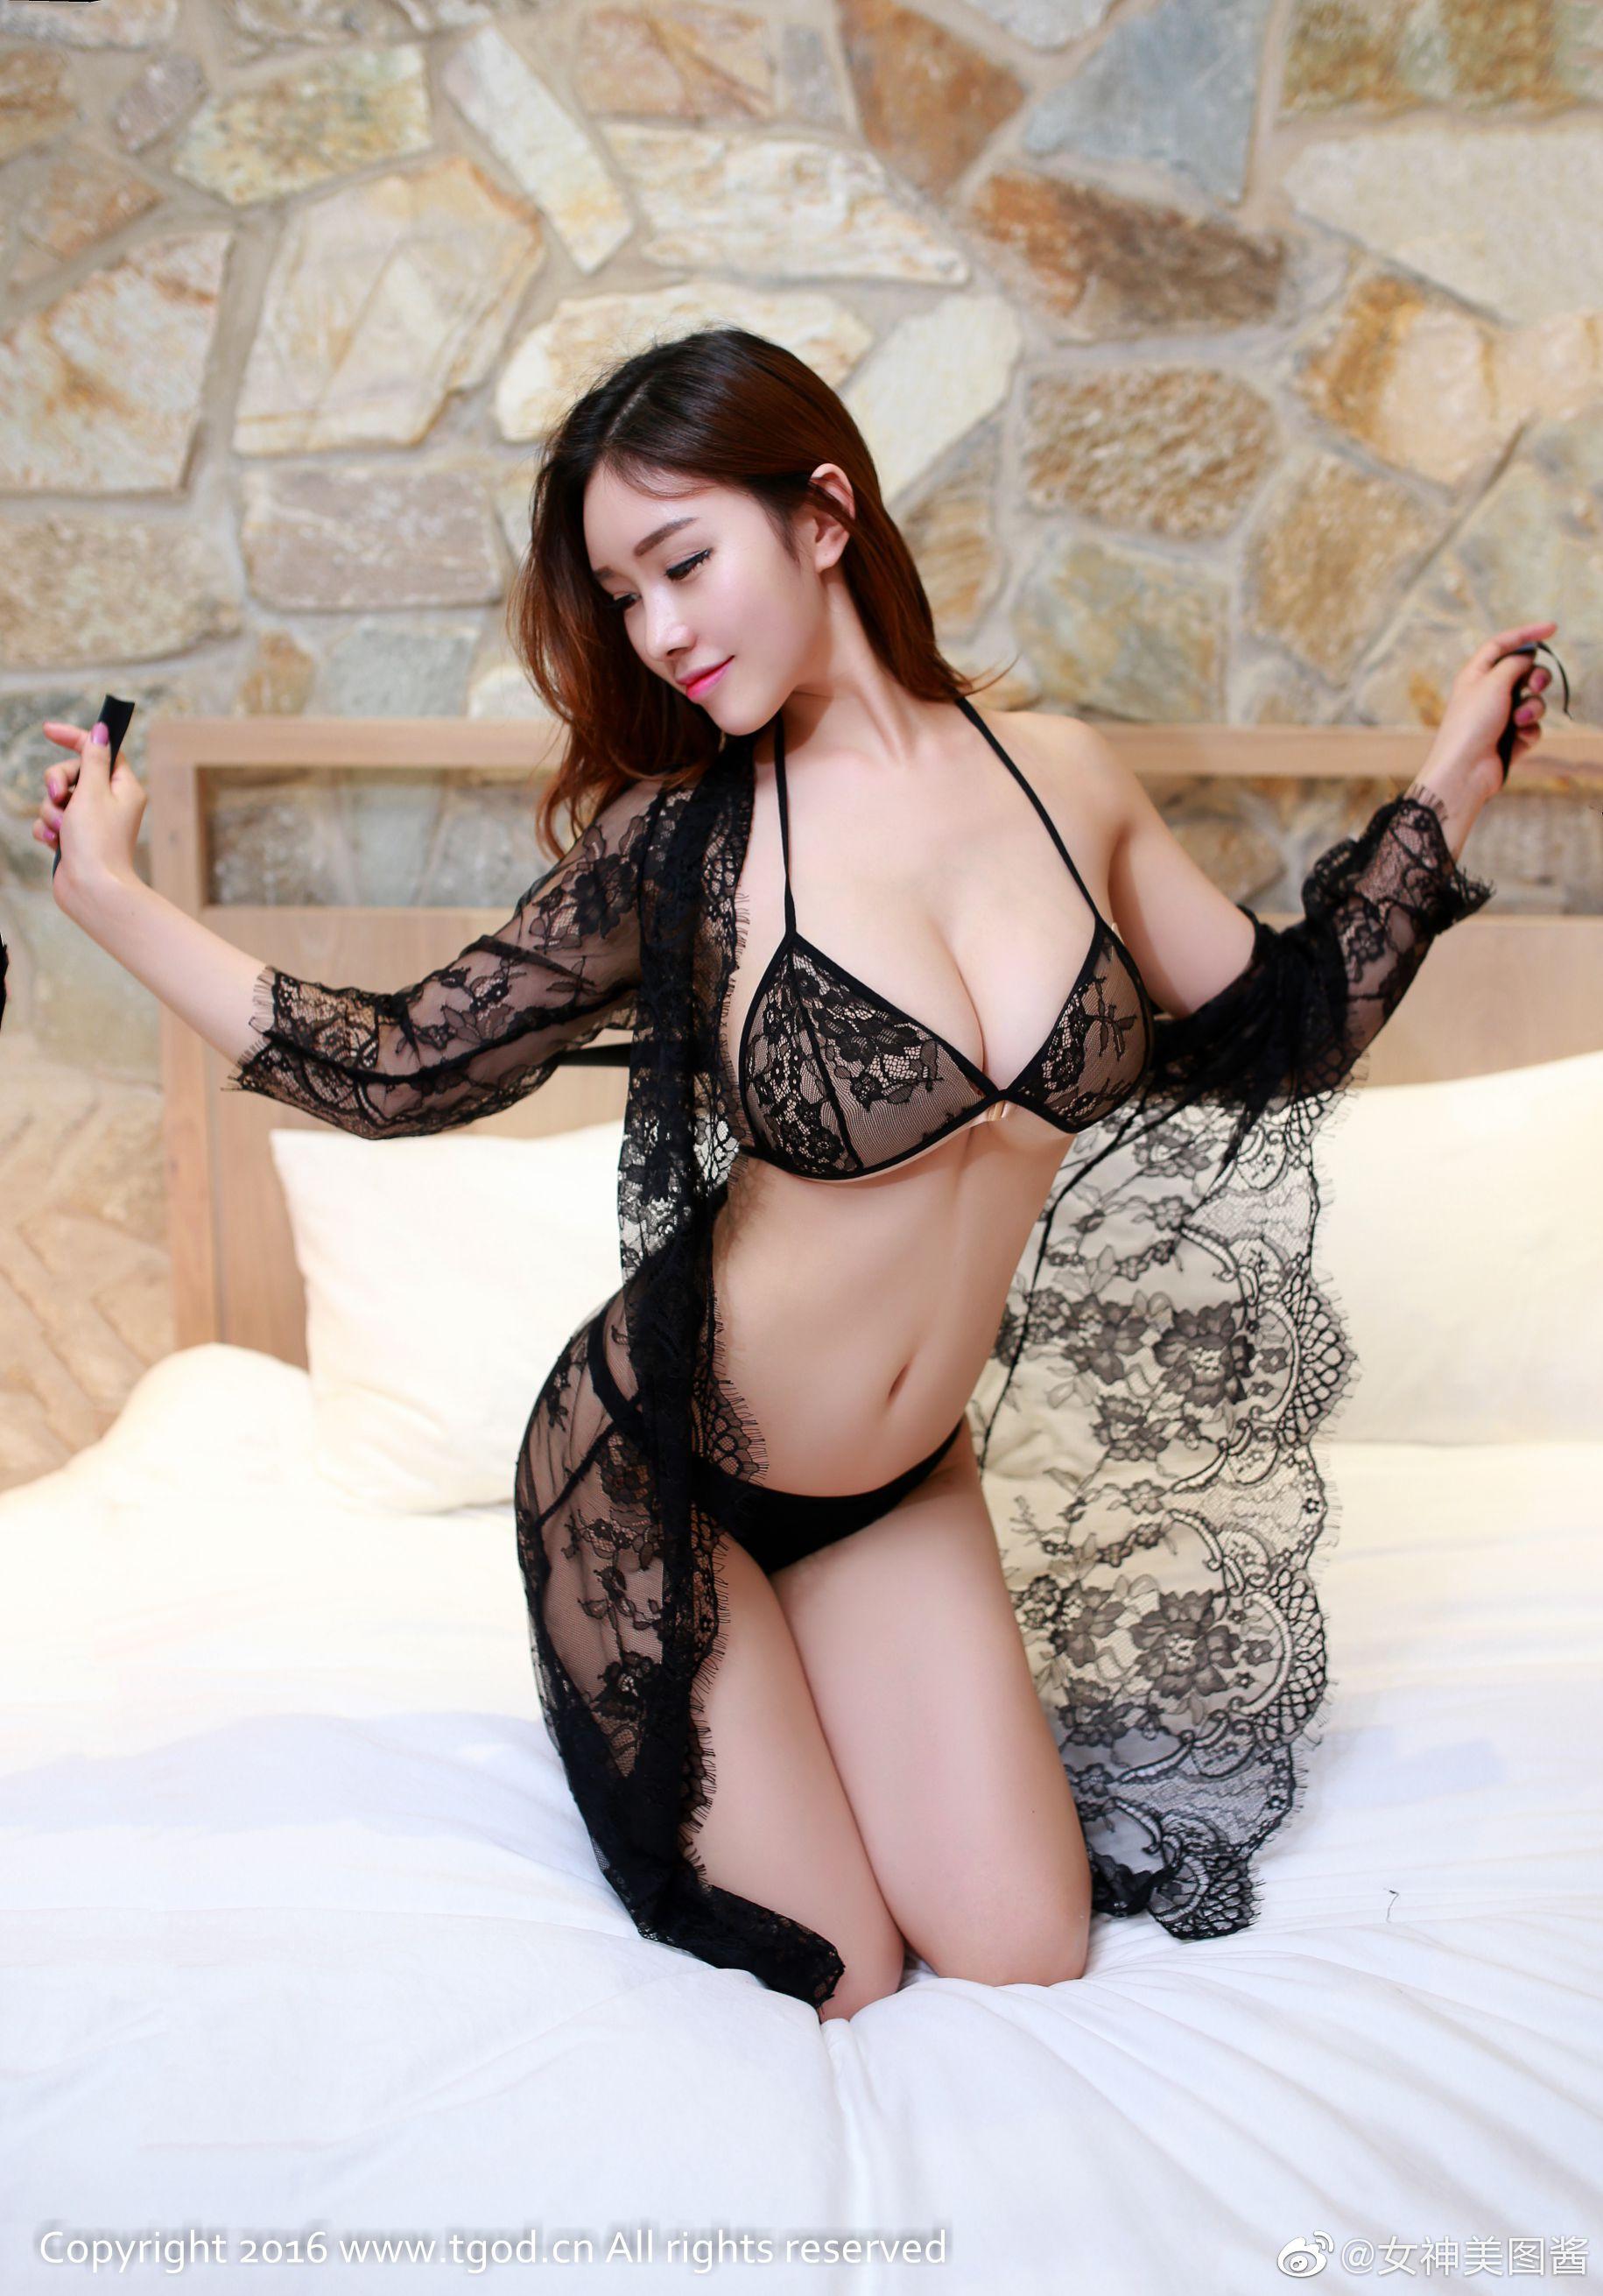 这么性感的睡衣,不赞对不住啊